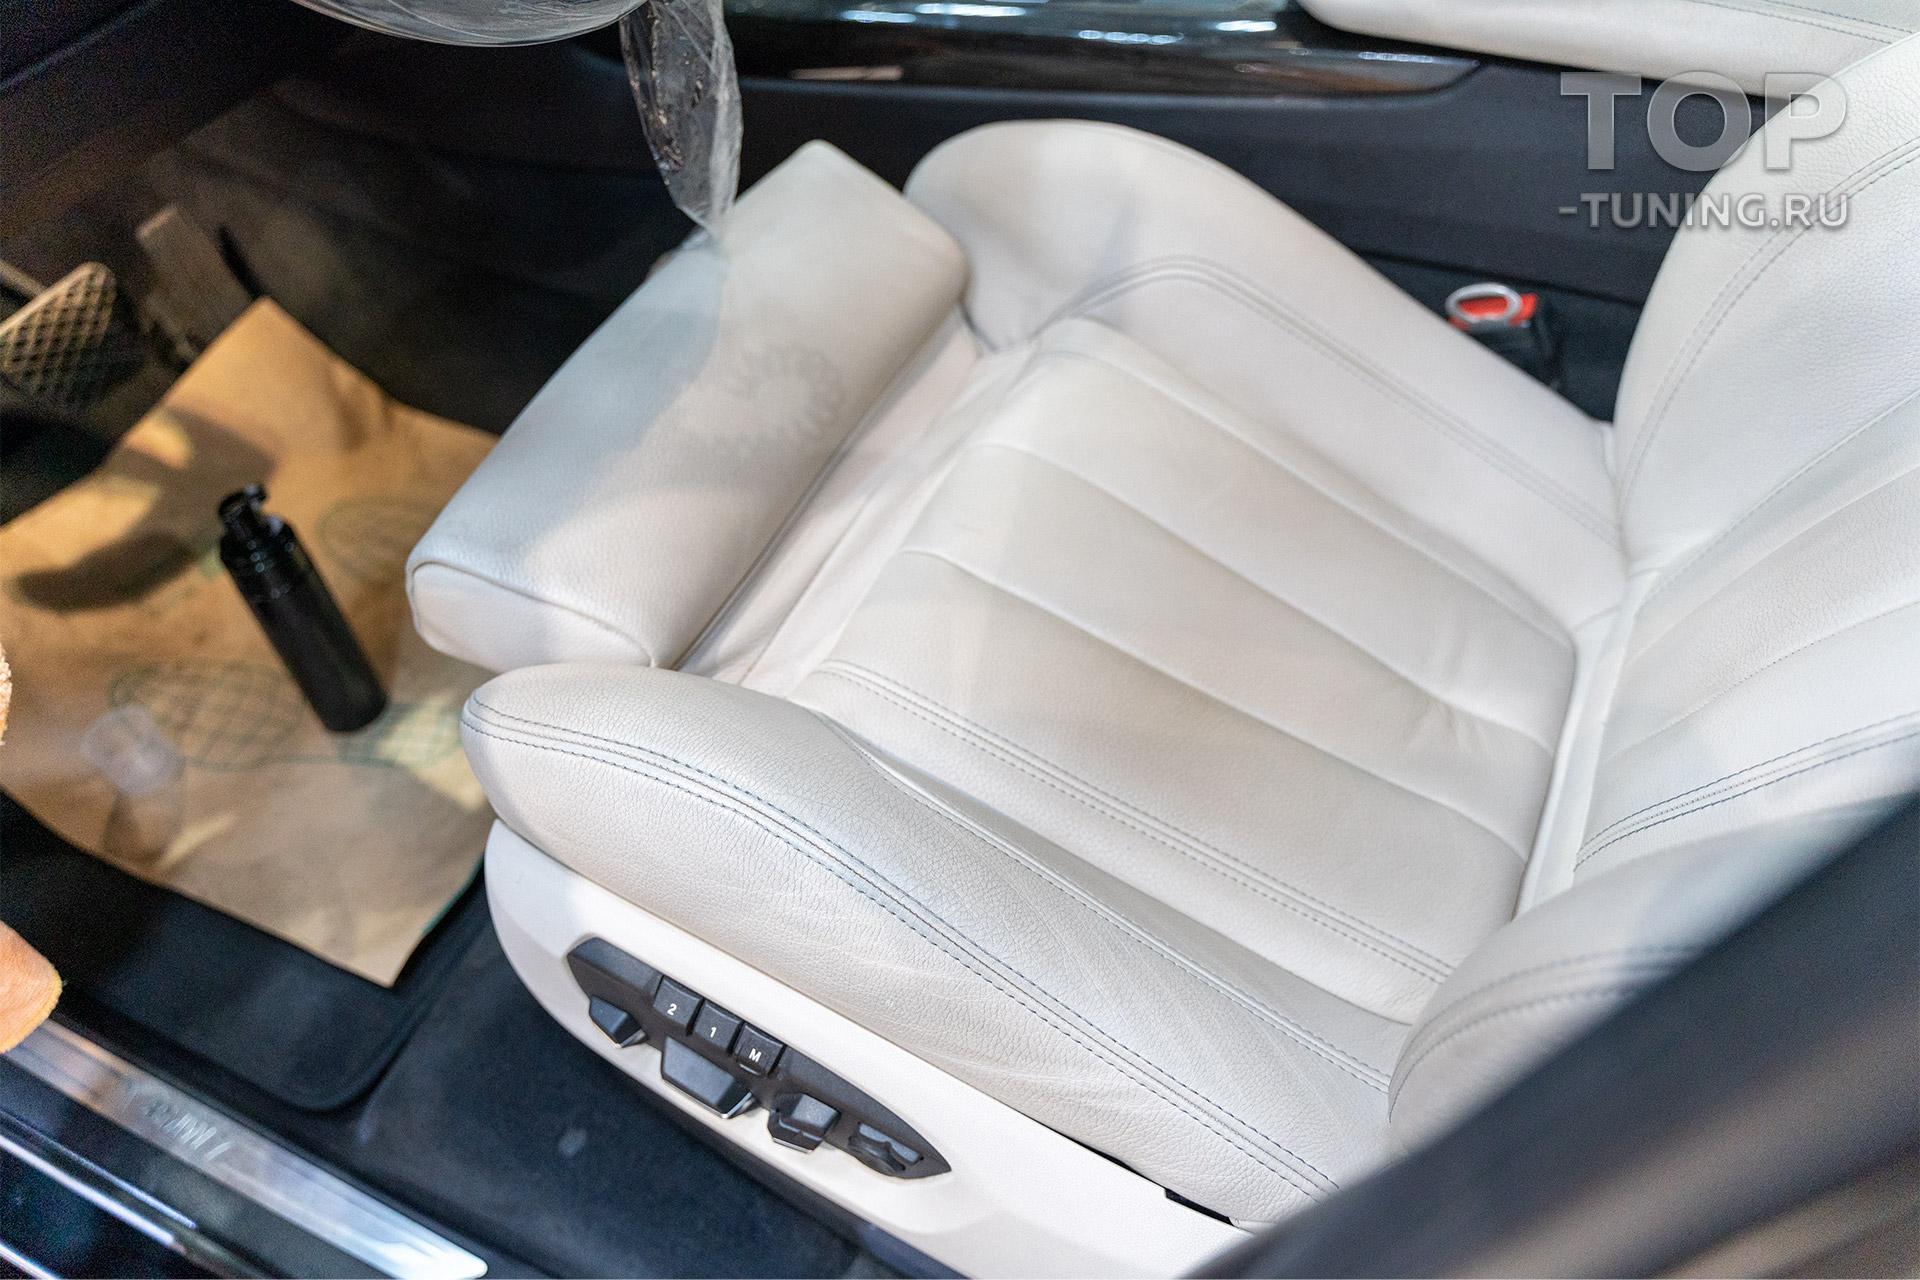 Интерьер BMW X5 f15 2013 - бежевая кожа, через 10 лет. Перед очисткой и детейлингом